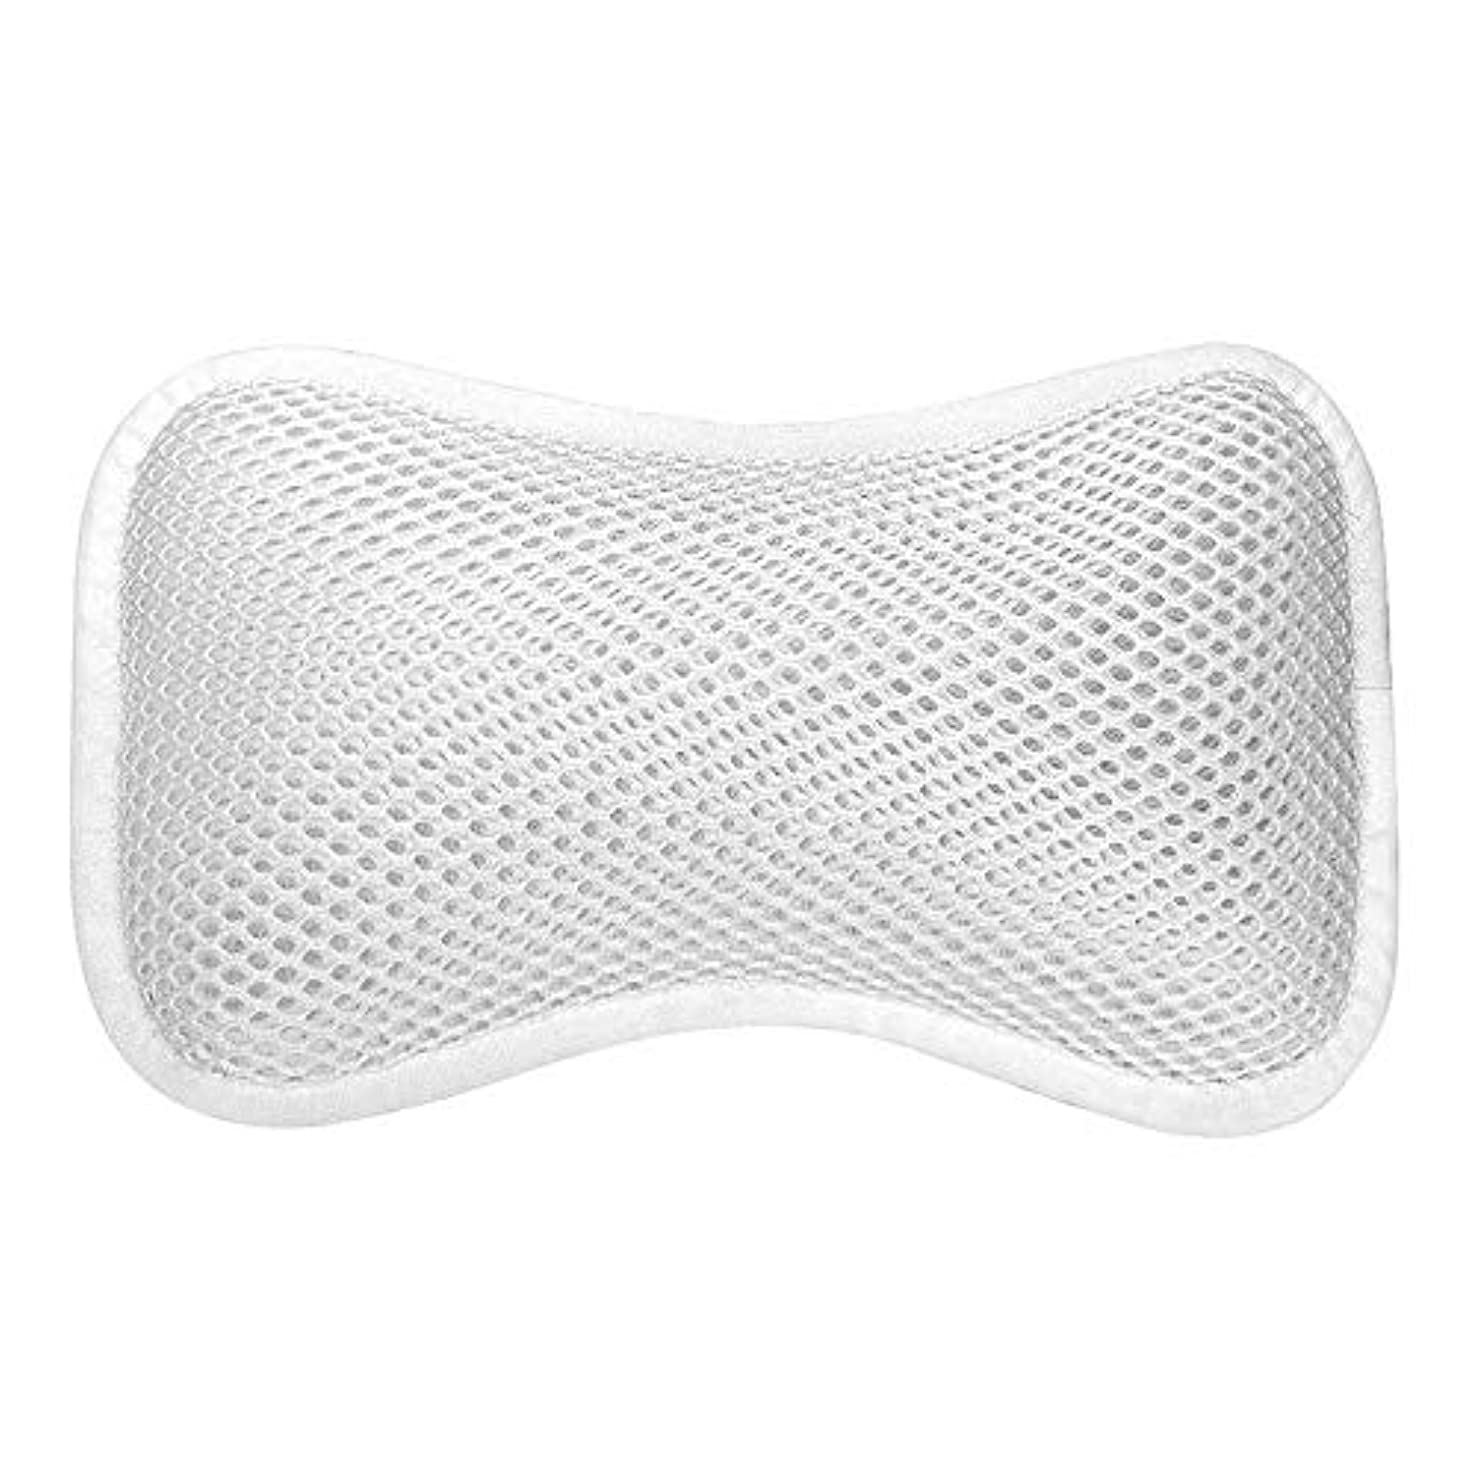 食い違いお肉台風3D網の骨の定形バスタブの枕、吸盤が付いている人間工学的の設計滑り止??めの浴槽の枕